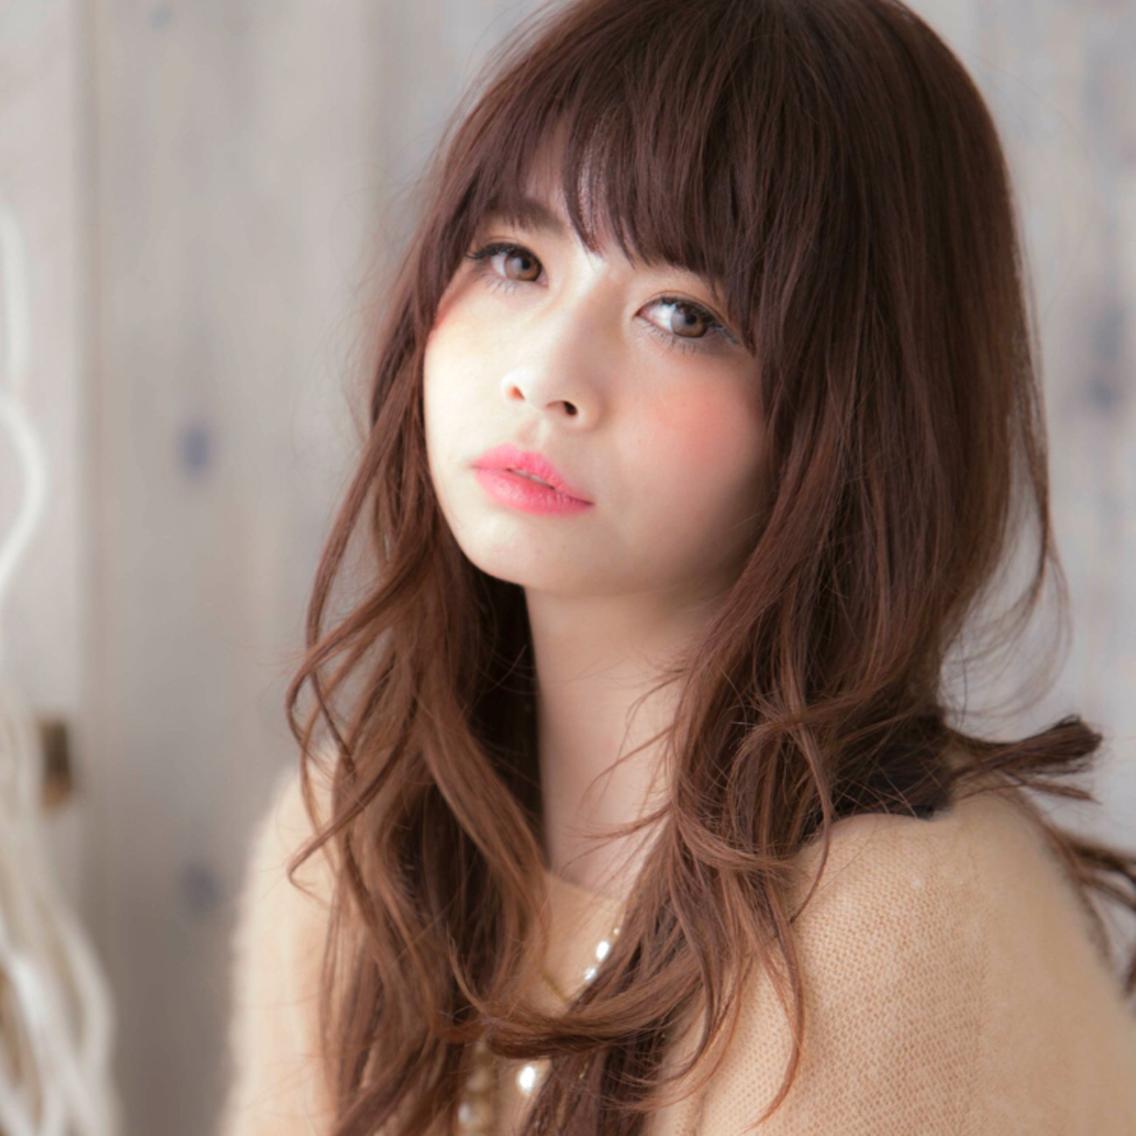 【横浜駅徒歩5分】外国人風カラー♡Aujuaトリートメント♡ミニモ限定☆最大50%OFF!